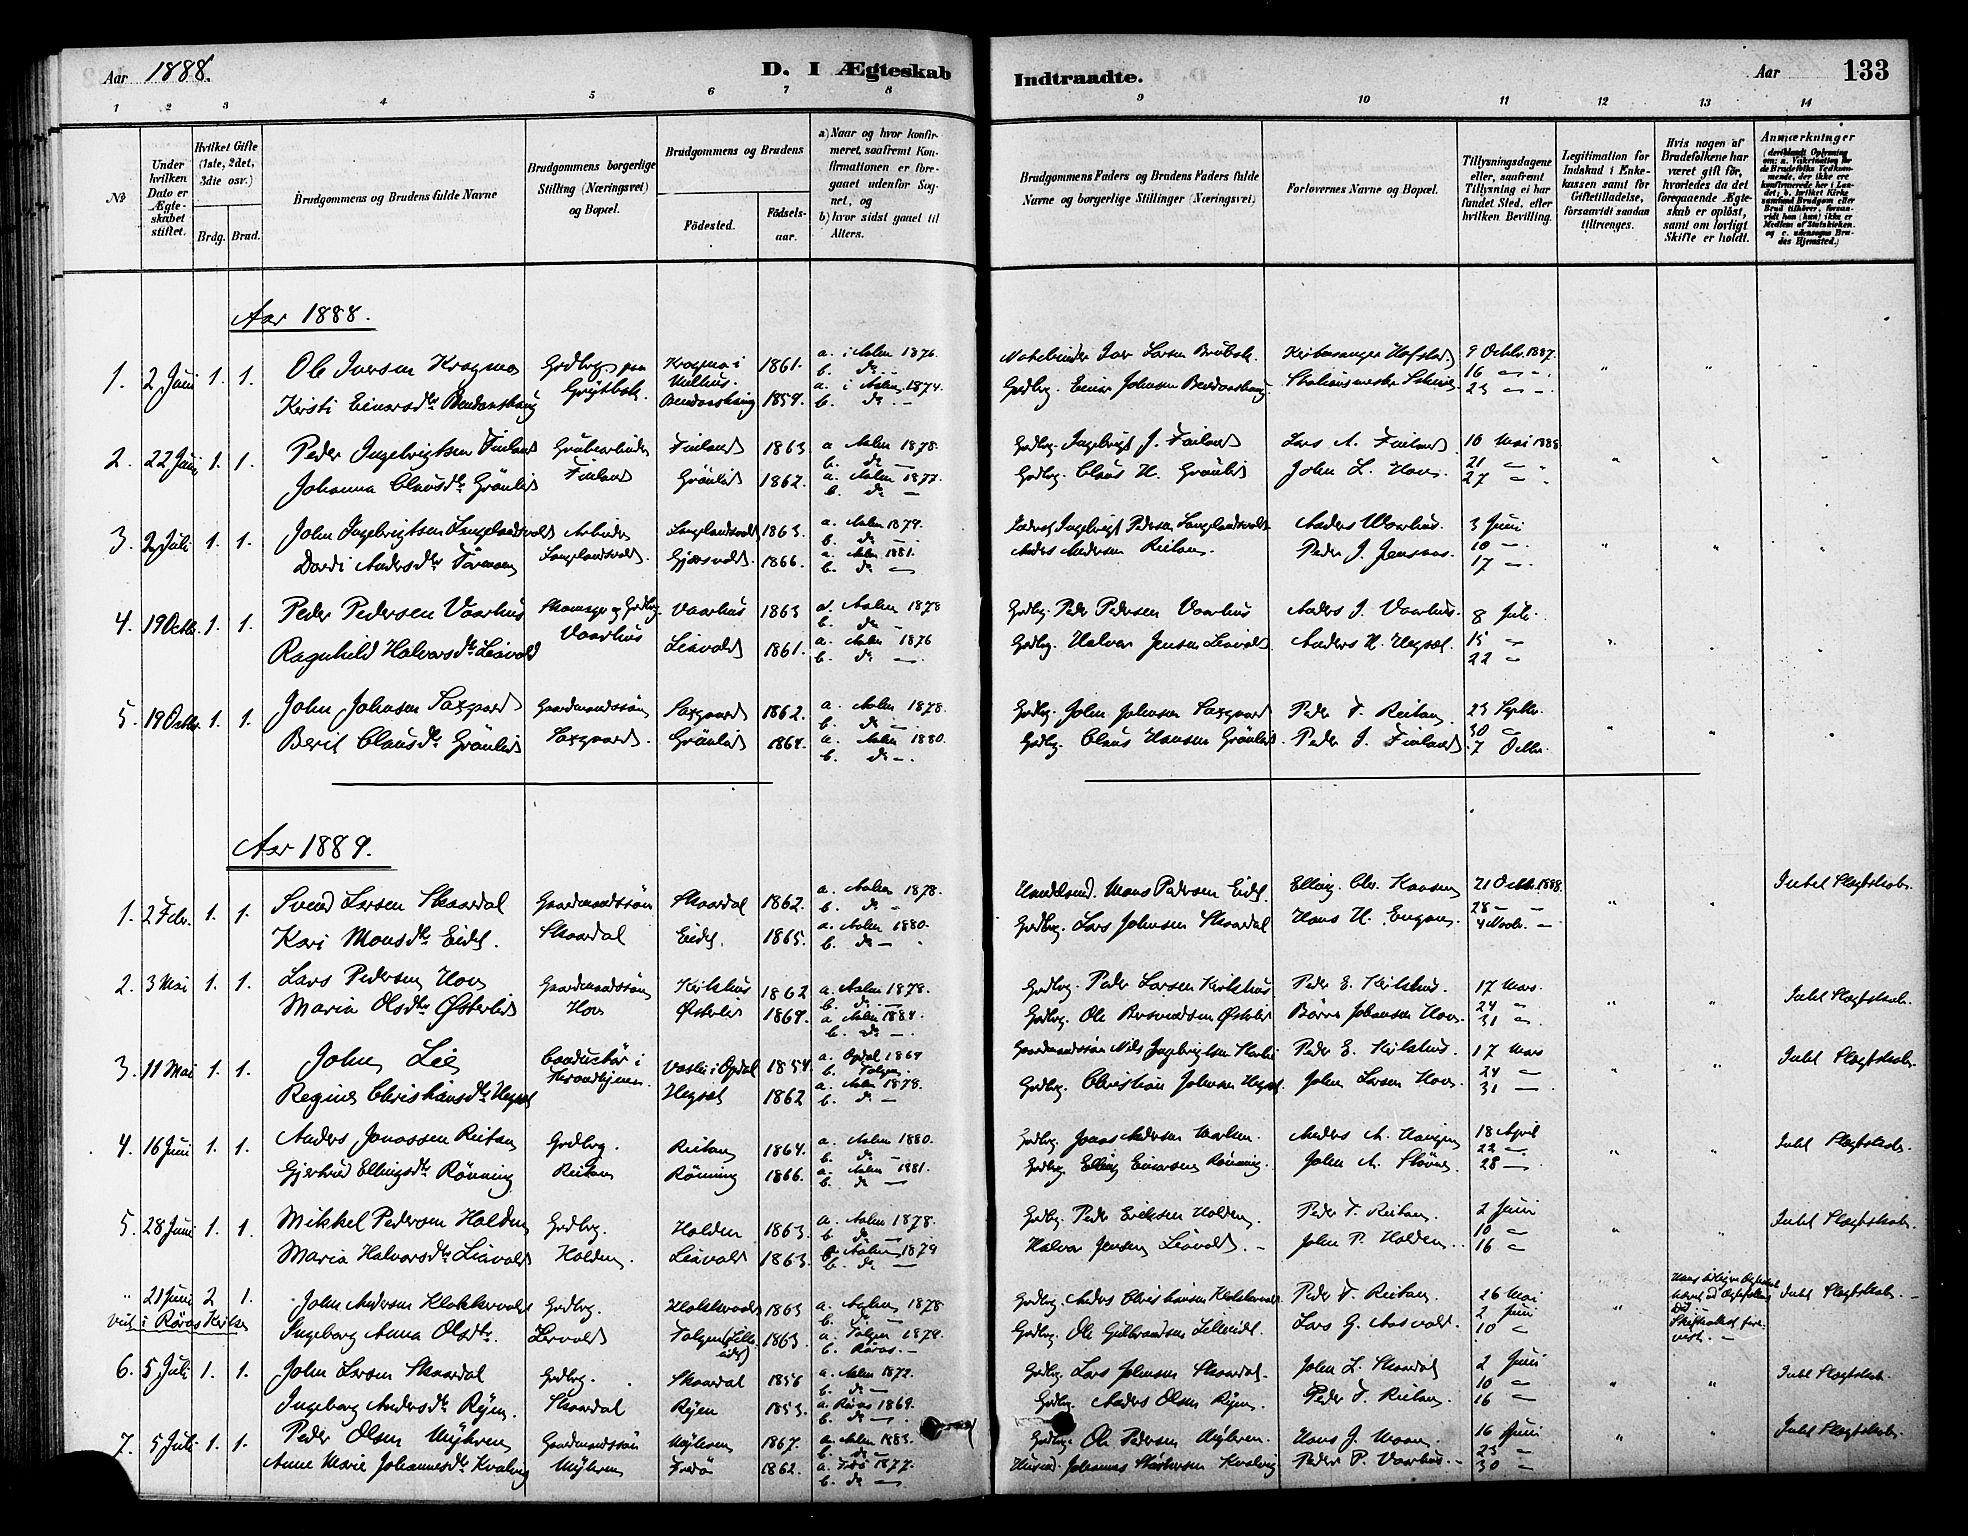 SAT, Ministerialprotokoller, klokkerbøker og fødselsregistre - Sør-Trøndelag, 686/L0983: Ministerialbok nr. 686A01, 1879-1890, s. 133